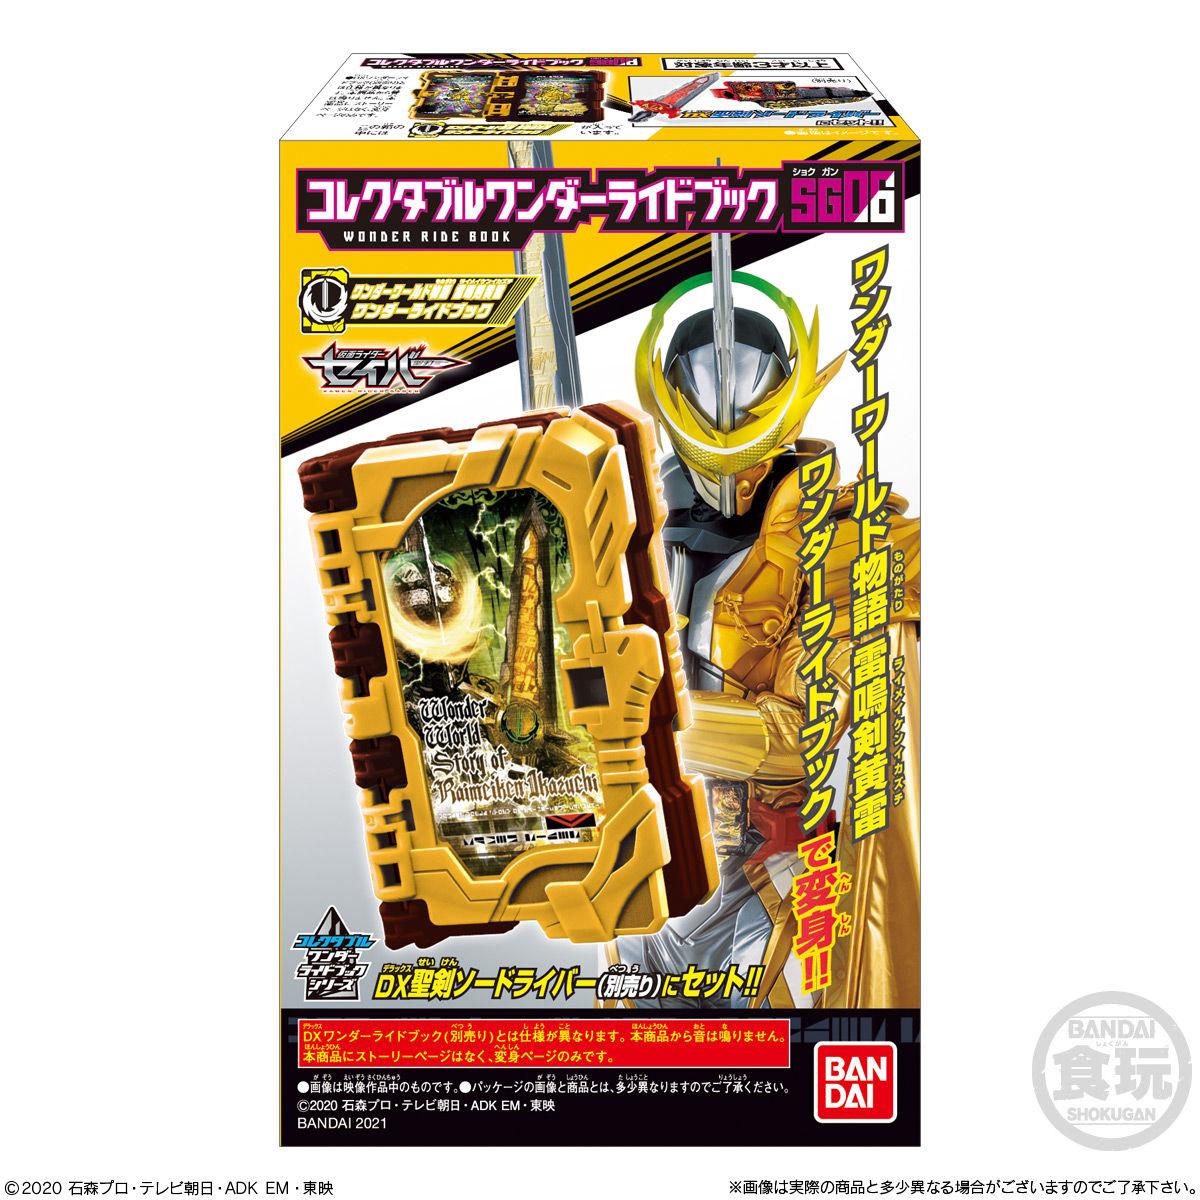 【食玩】仮面ライダーセイバー『コレクタブルワンダーライドブック SG06』8個入りBOX-009